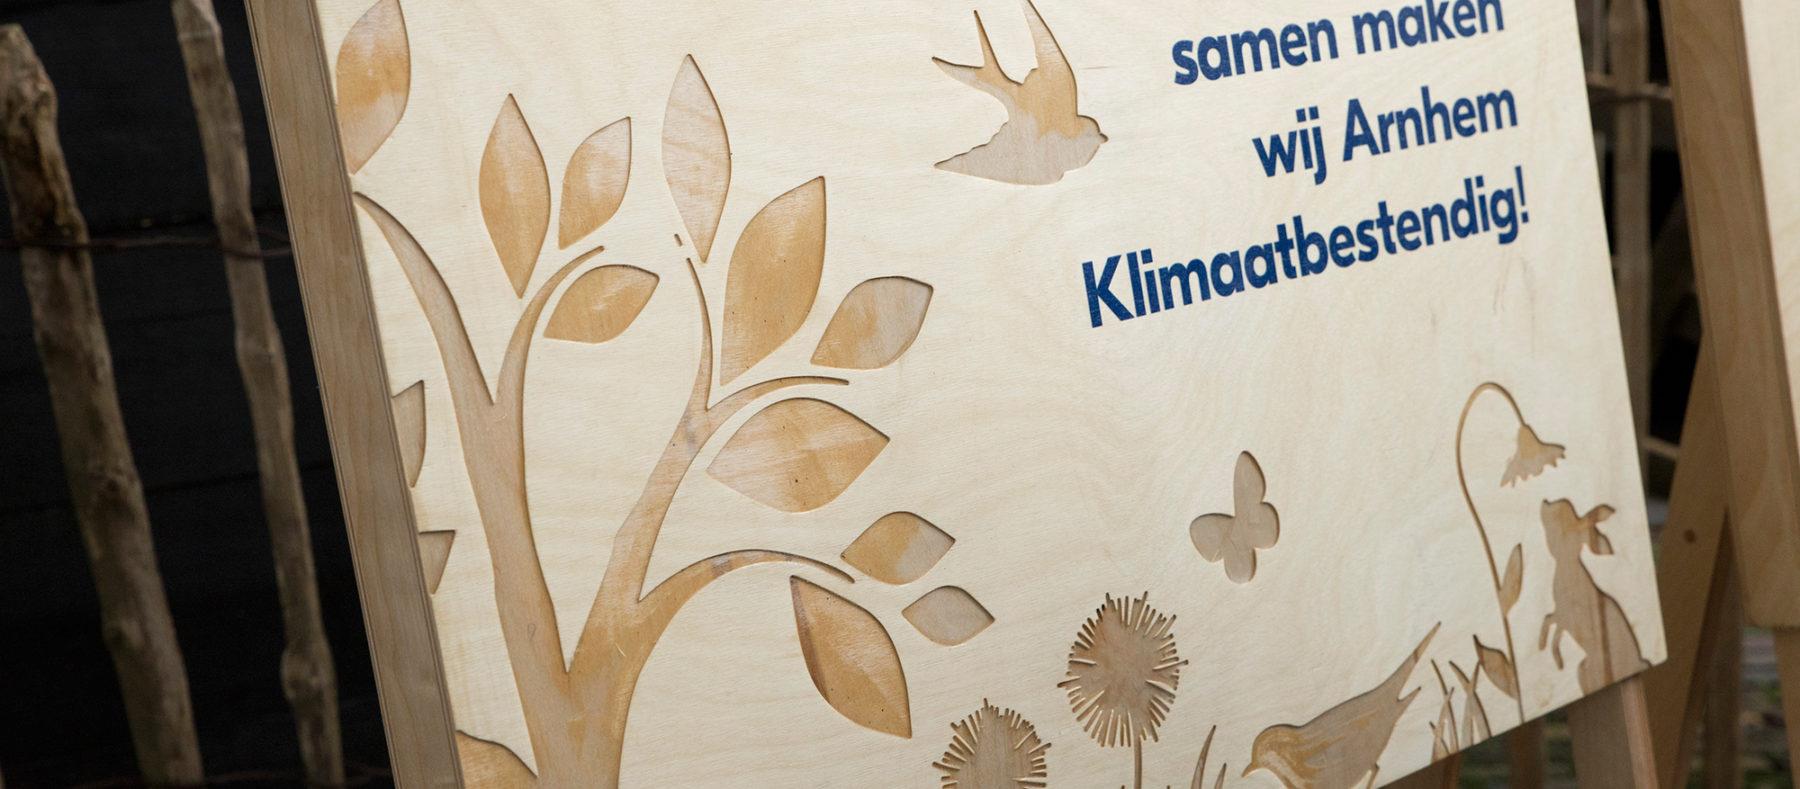 Arnhem Klimaatbestendig gemeente arnhem klimaat grafisch ontwerp bloempapier DDD natuur ijsletters bord ambacht